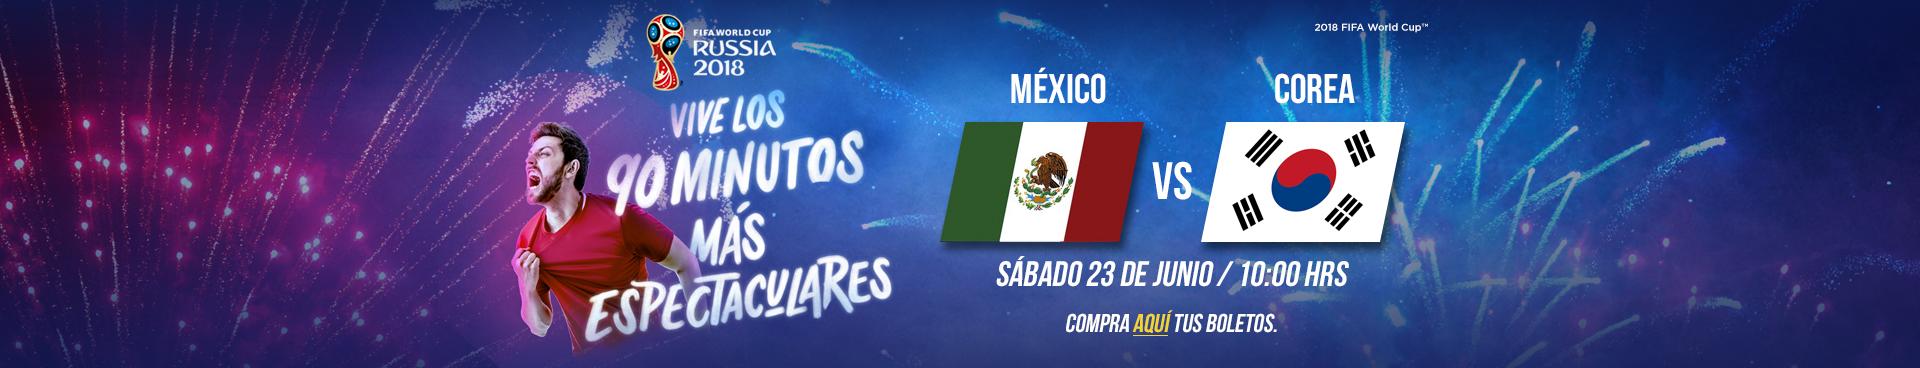 Mundial: México vs Corea